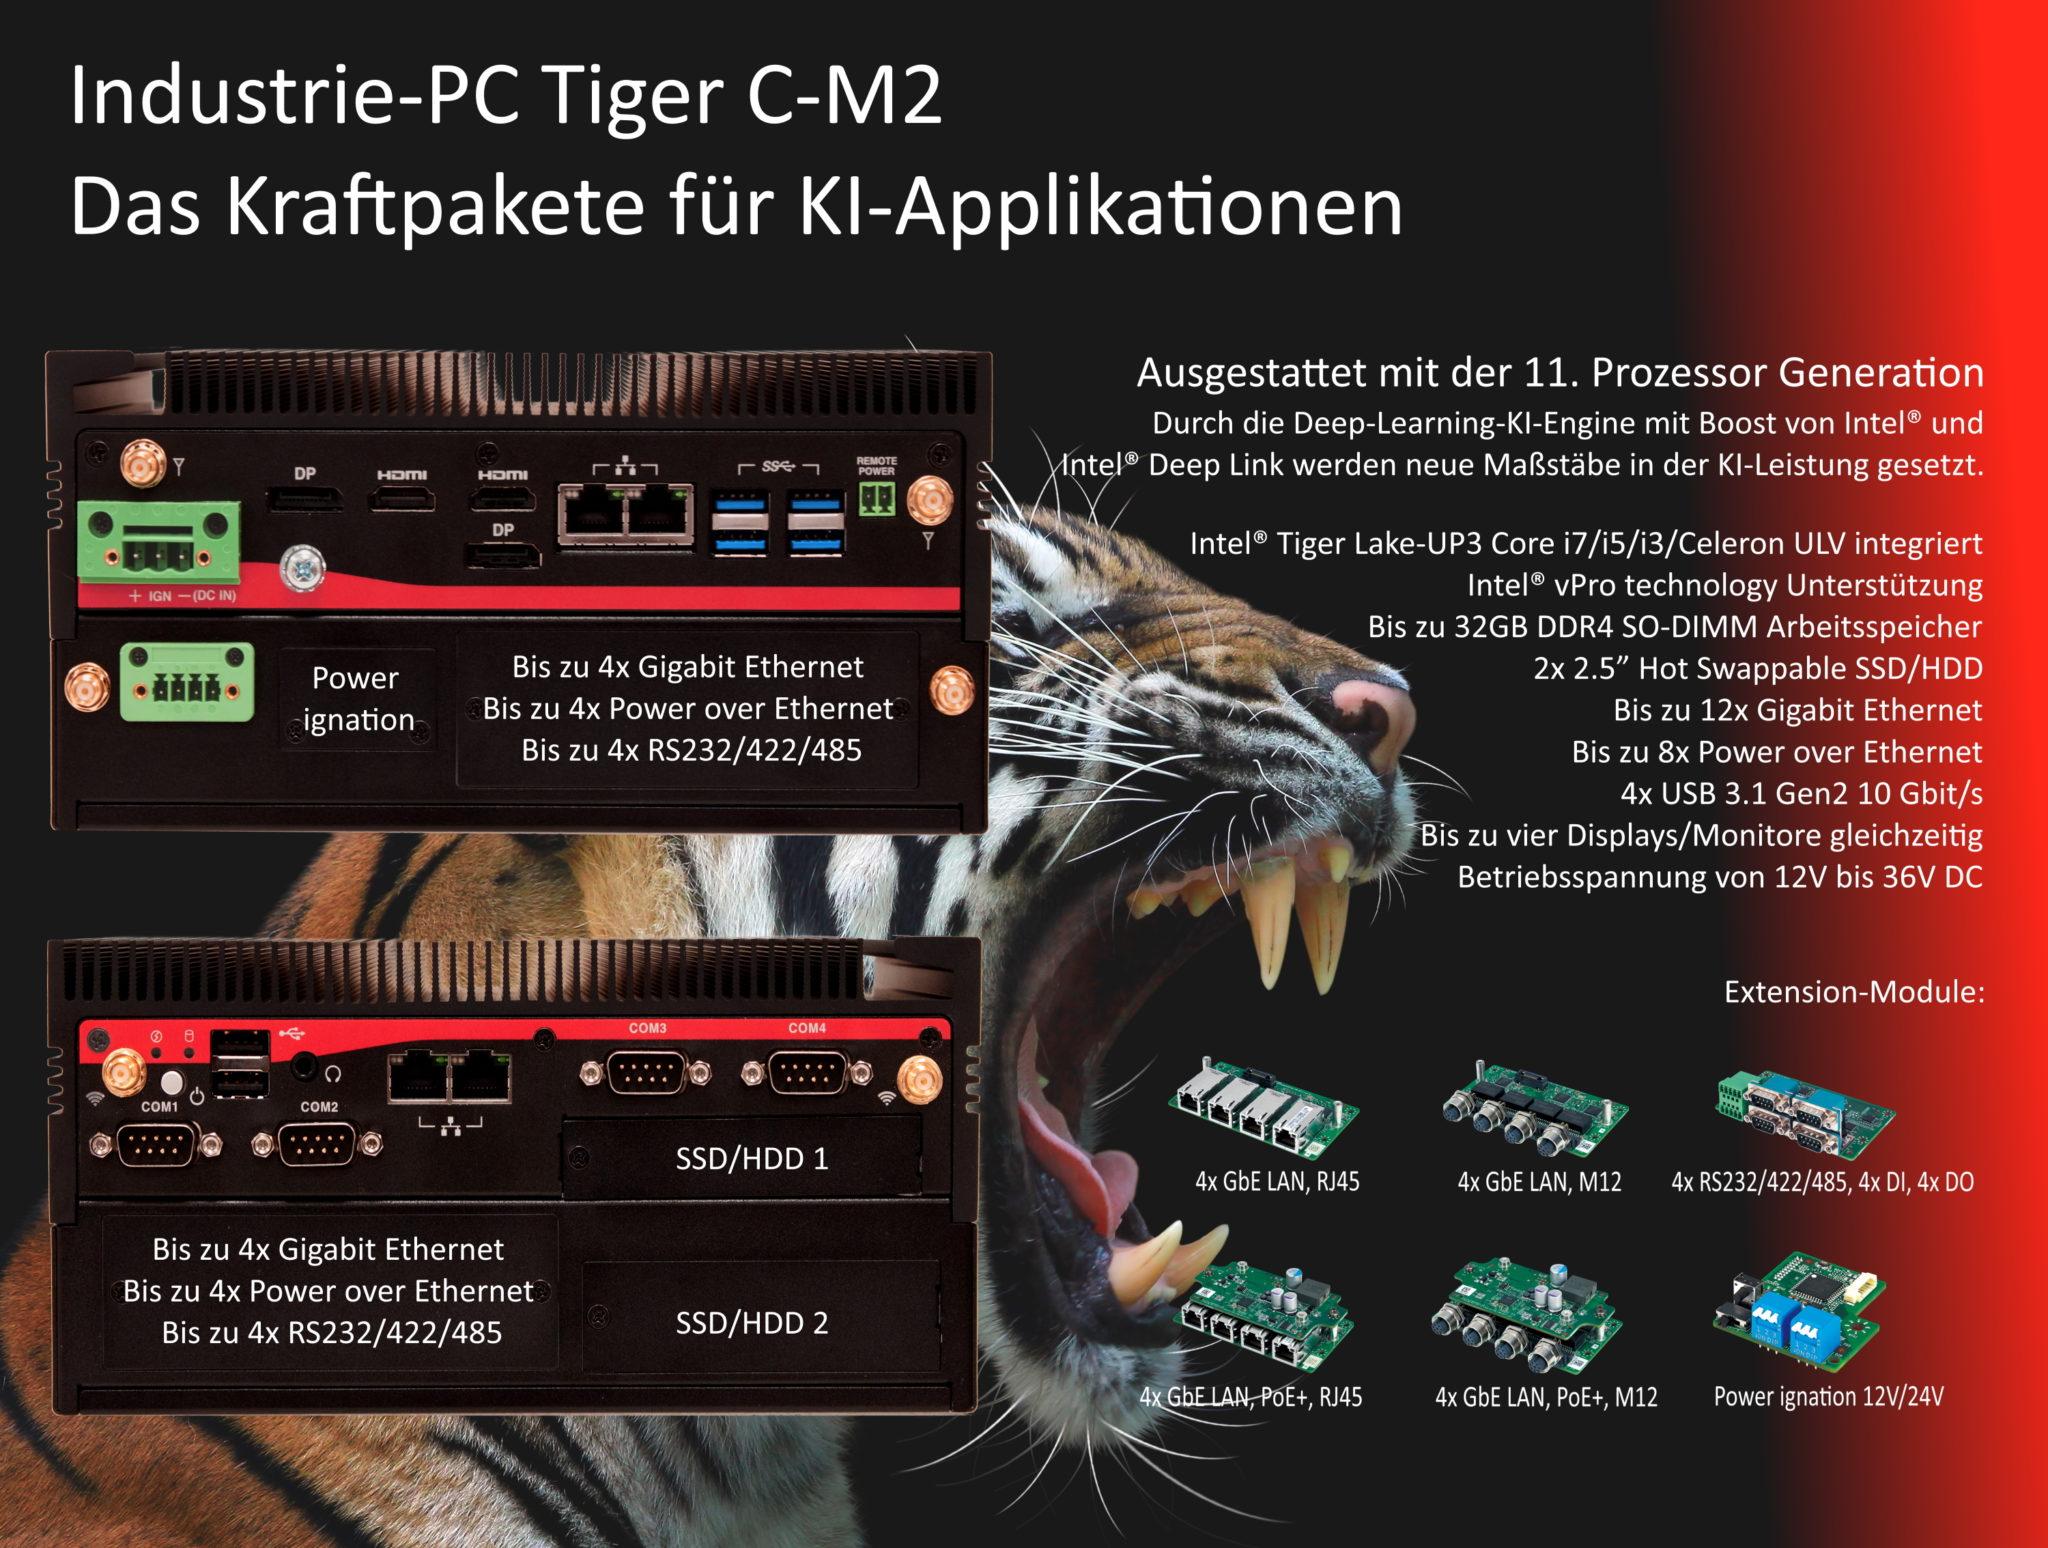 Tiger C-M2 public